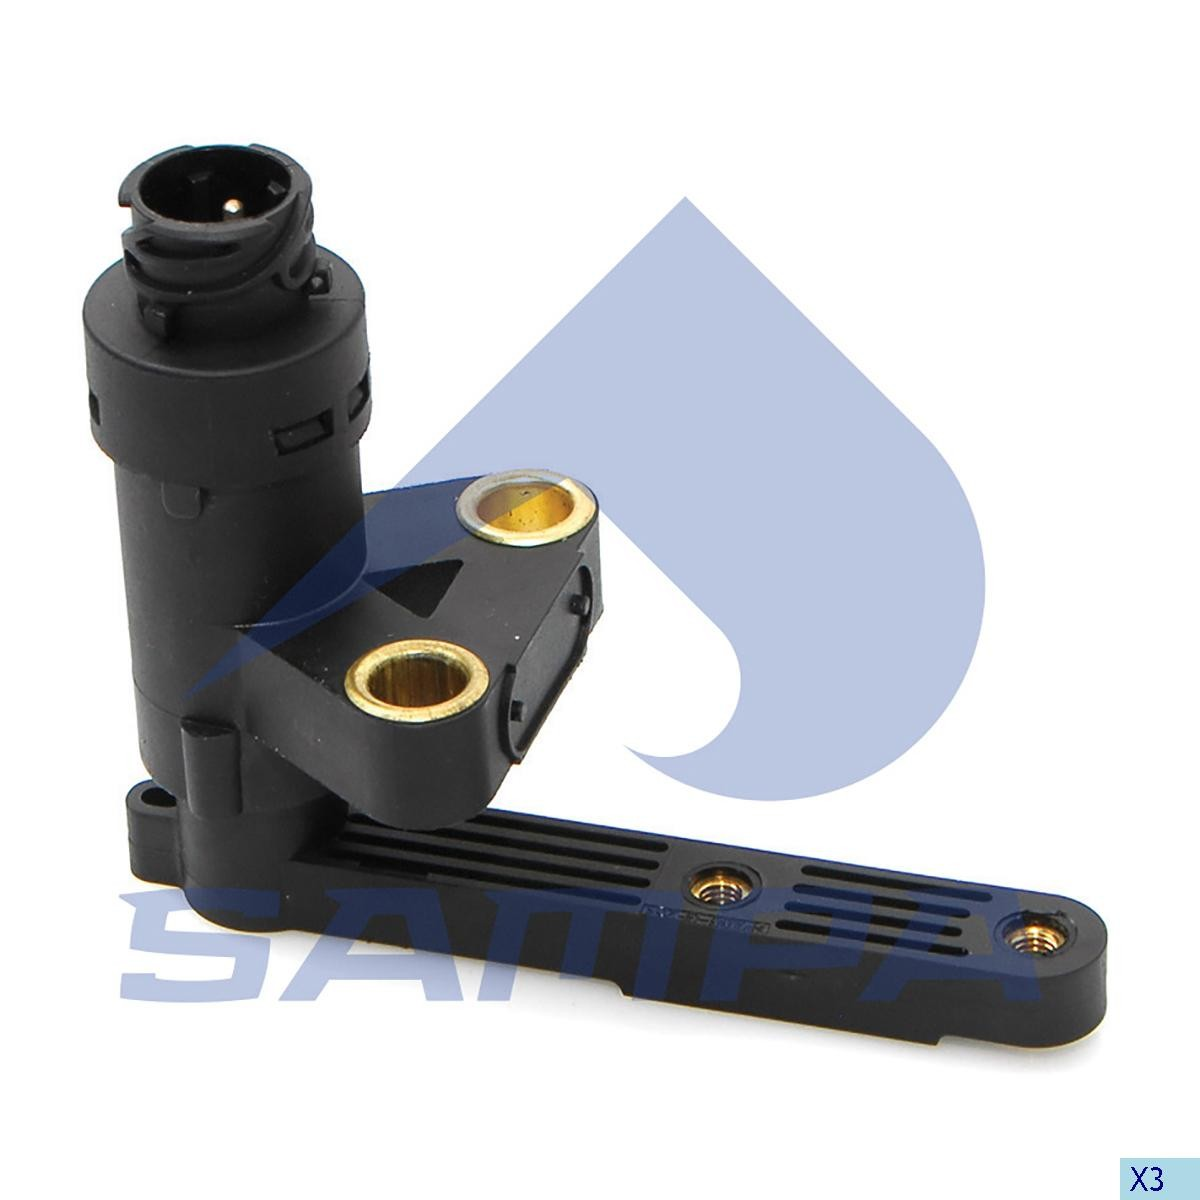 Senzor suspensie pneumatica photo